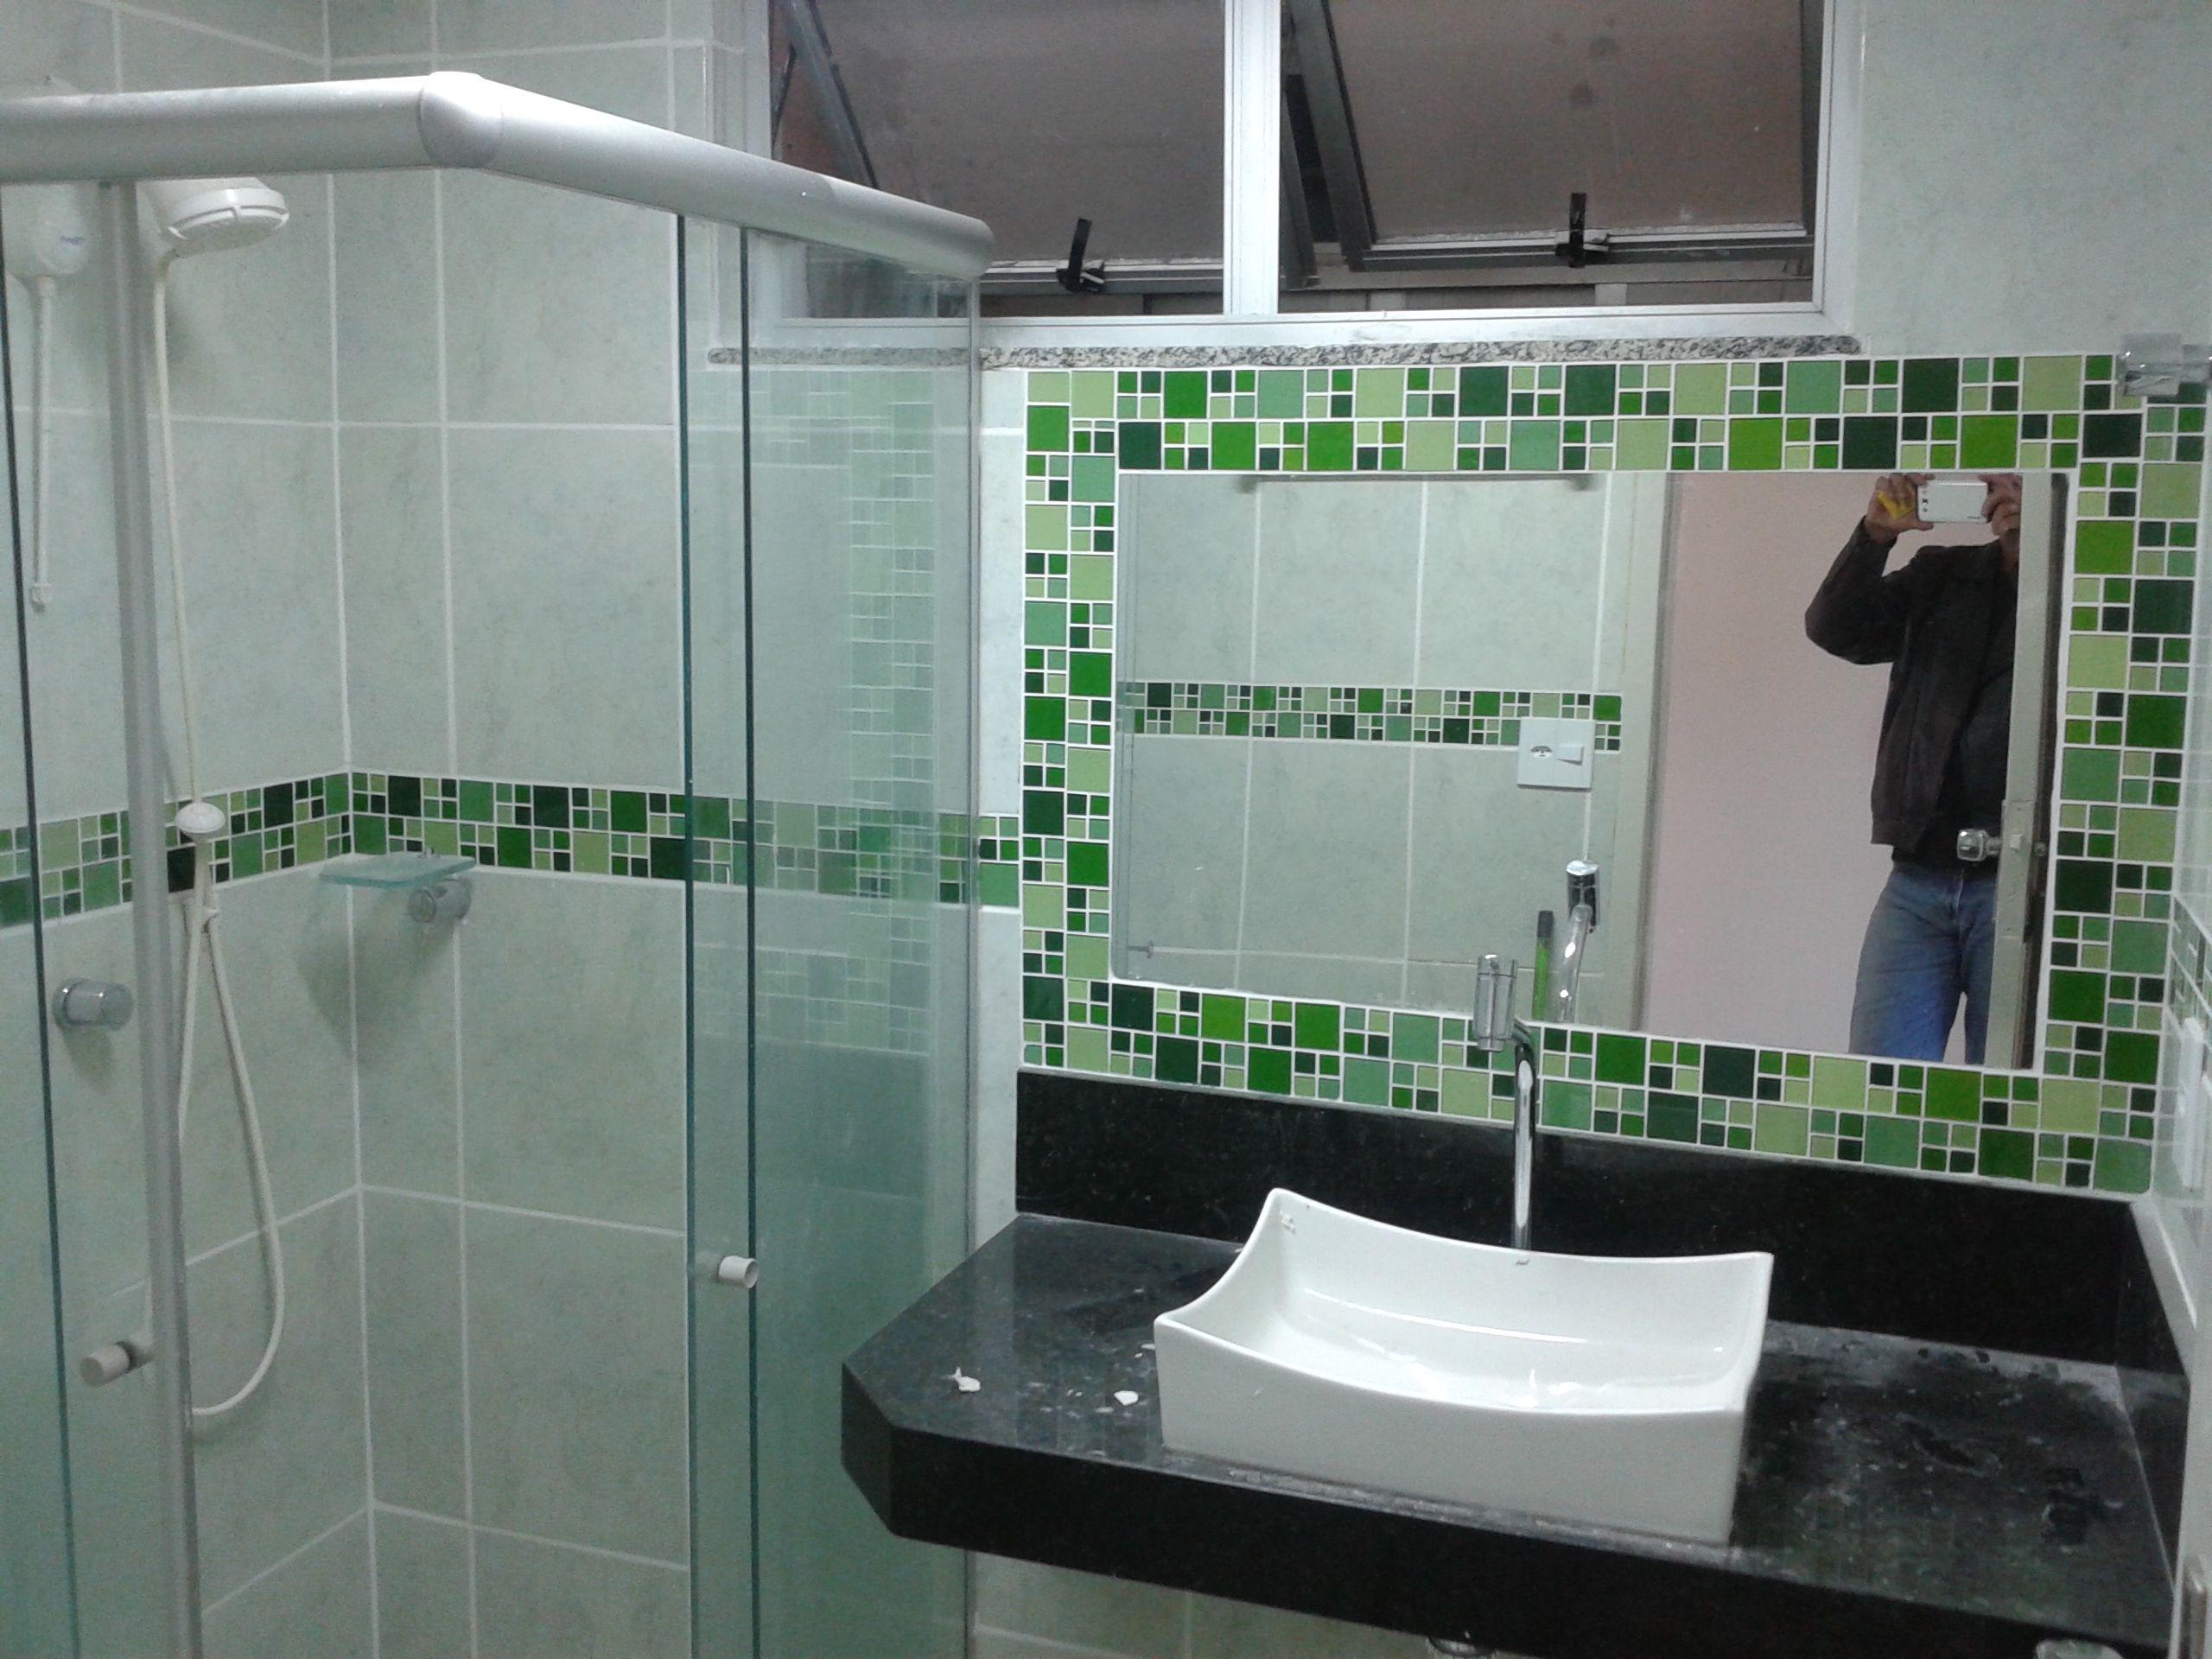 Moldura de espelho com faixa para banheiro em pastilhas de vidro  Renato Kle -> Banheiro Cim Pastilha